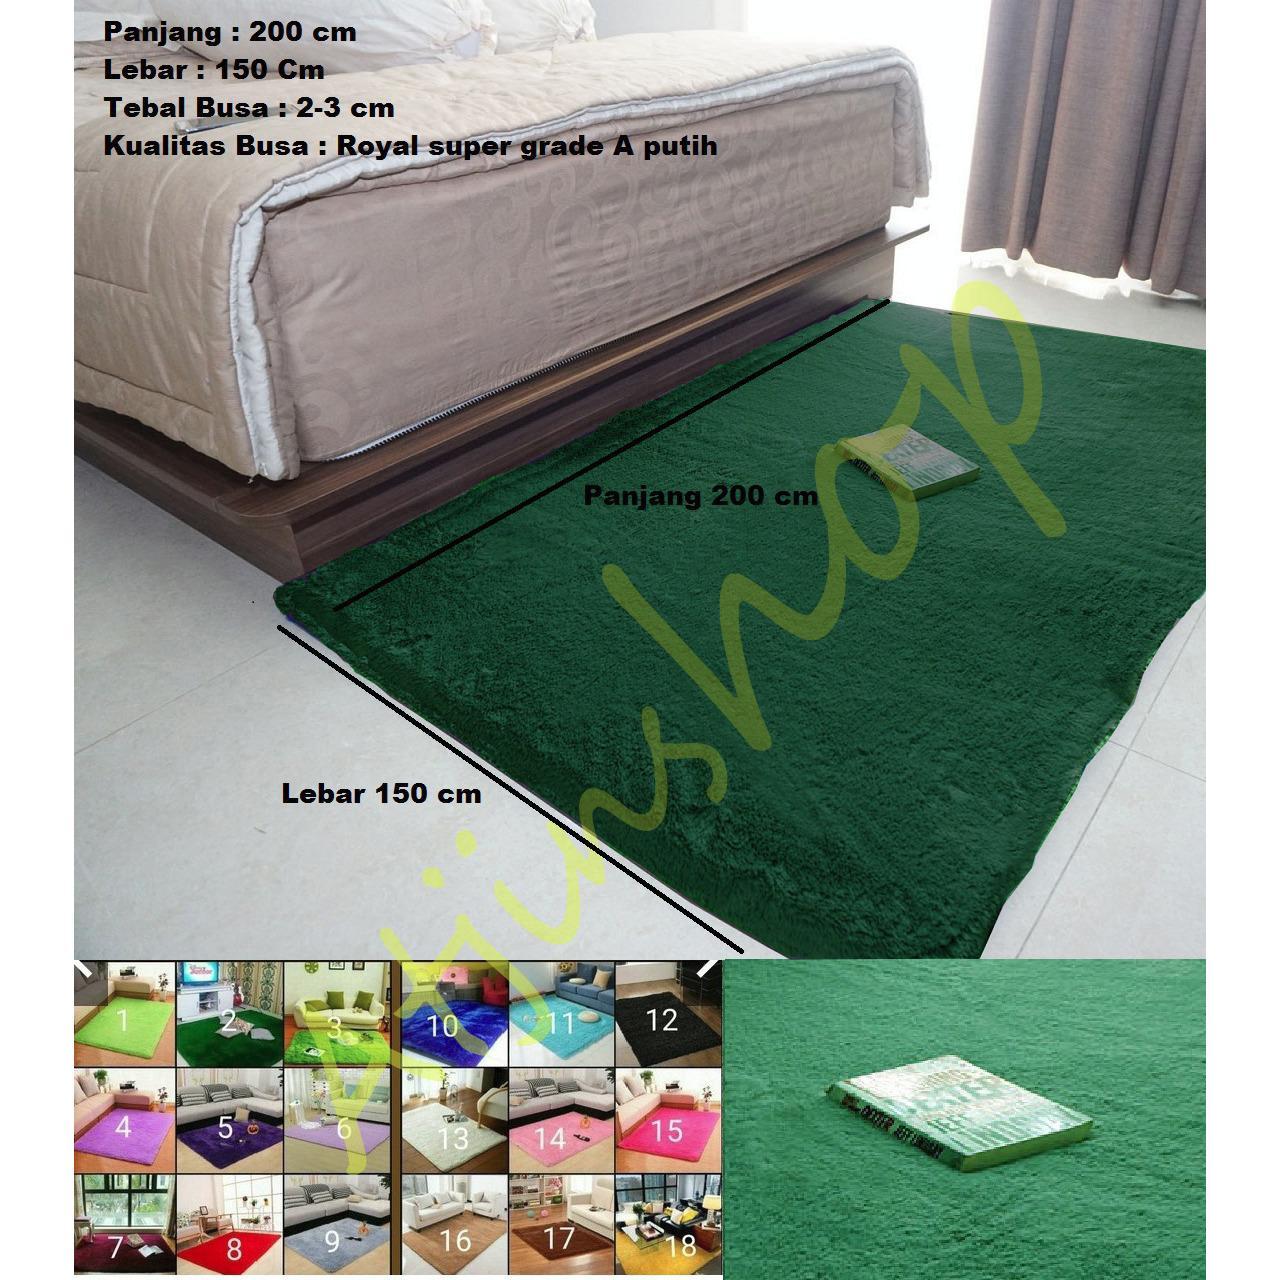 TjinCollection-Karpet Bulu Rasfur Lembut Busa Super Berkualitas 200 x 150 [HIJAU BOTOL]